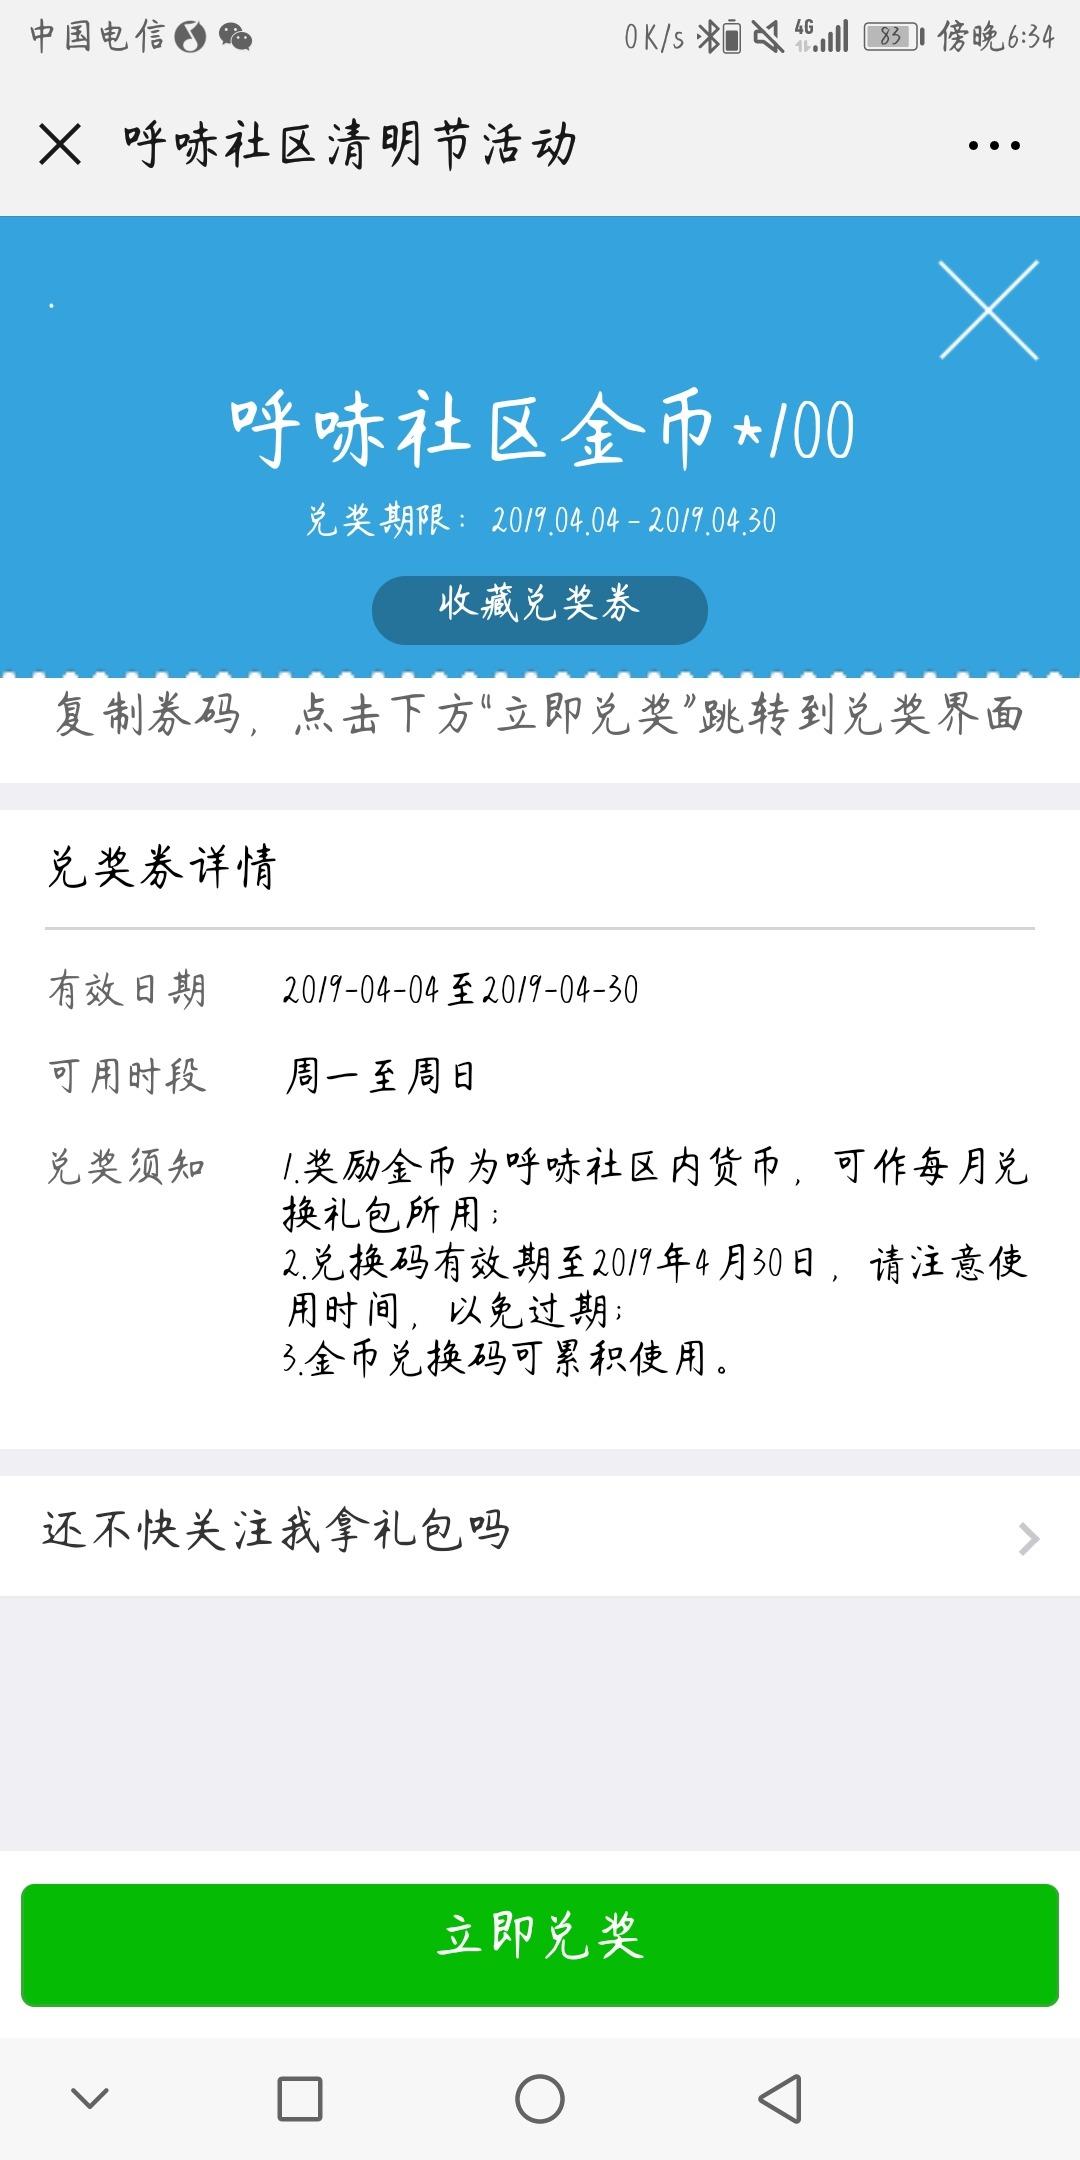 Screenshot_20190408-183432.jpg